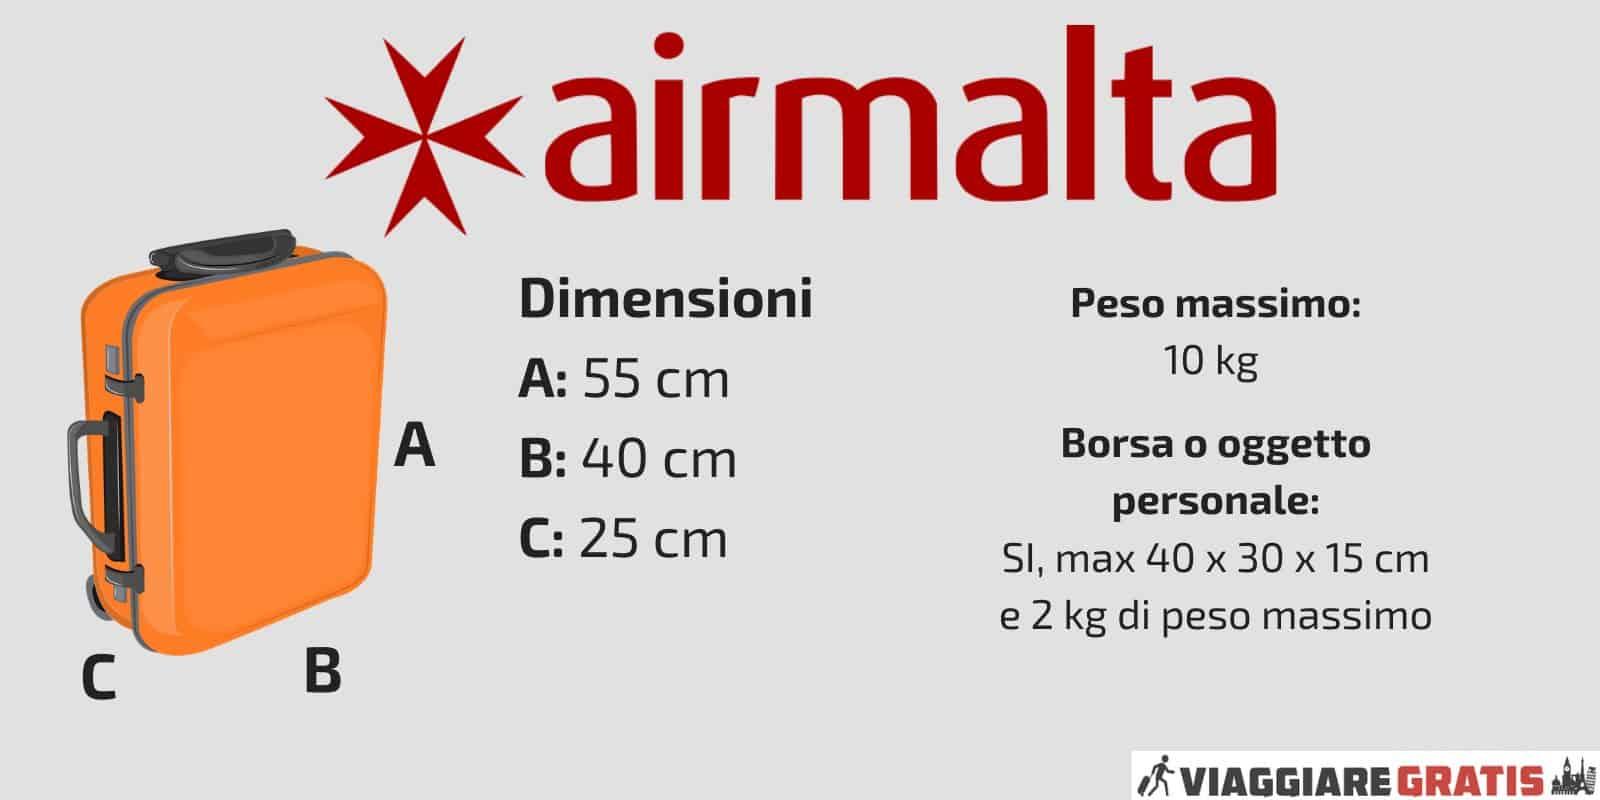 Bagaglio a Mano Air Malta